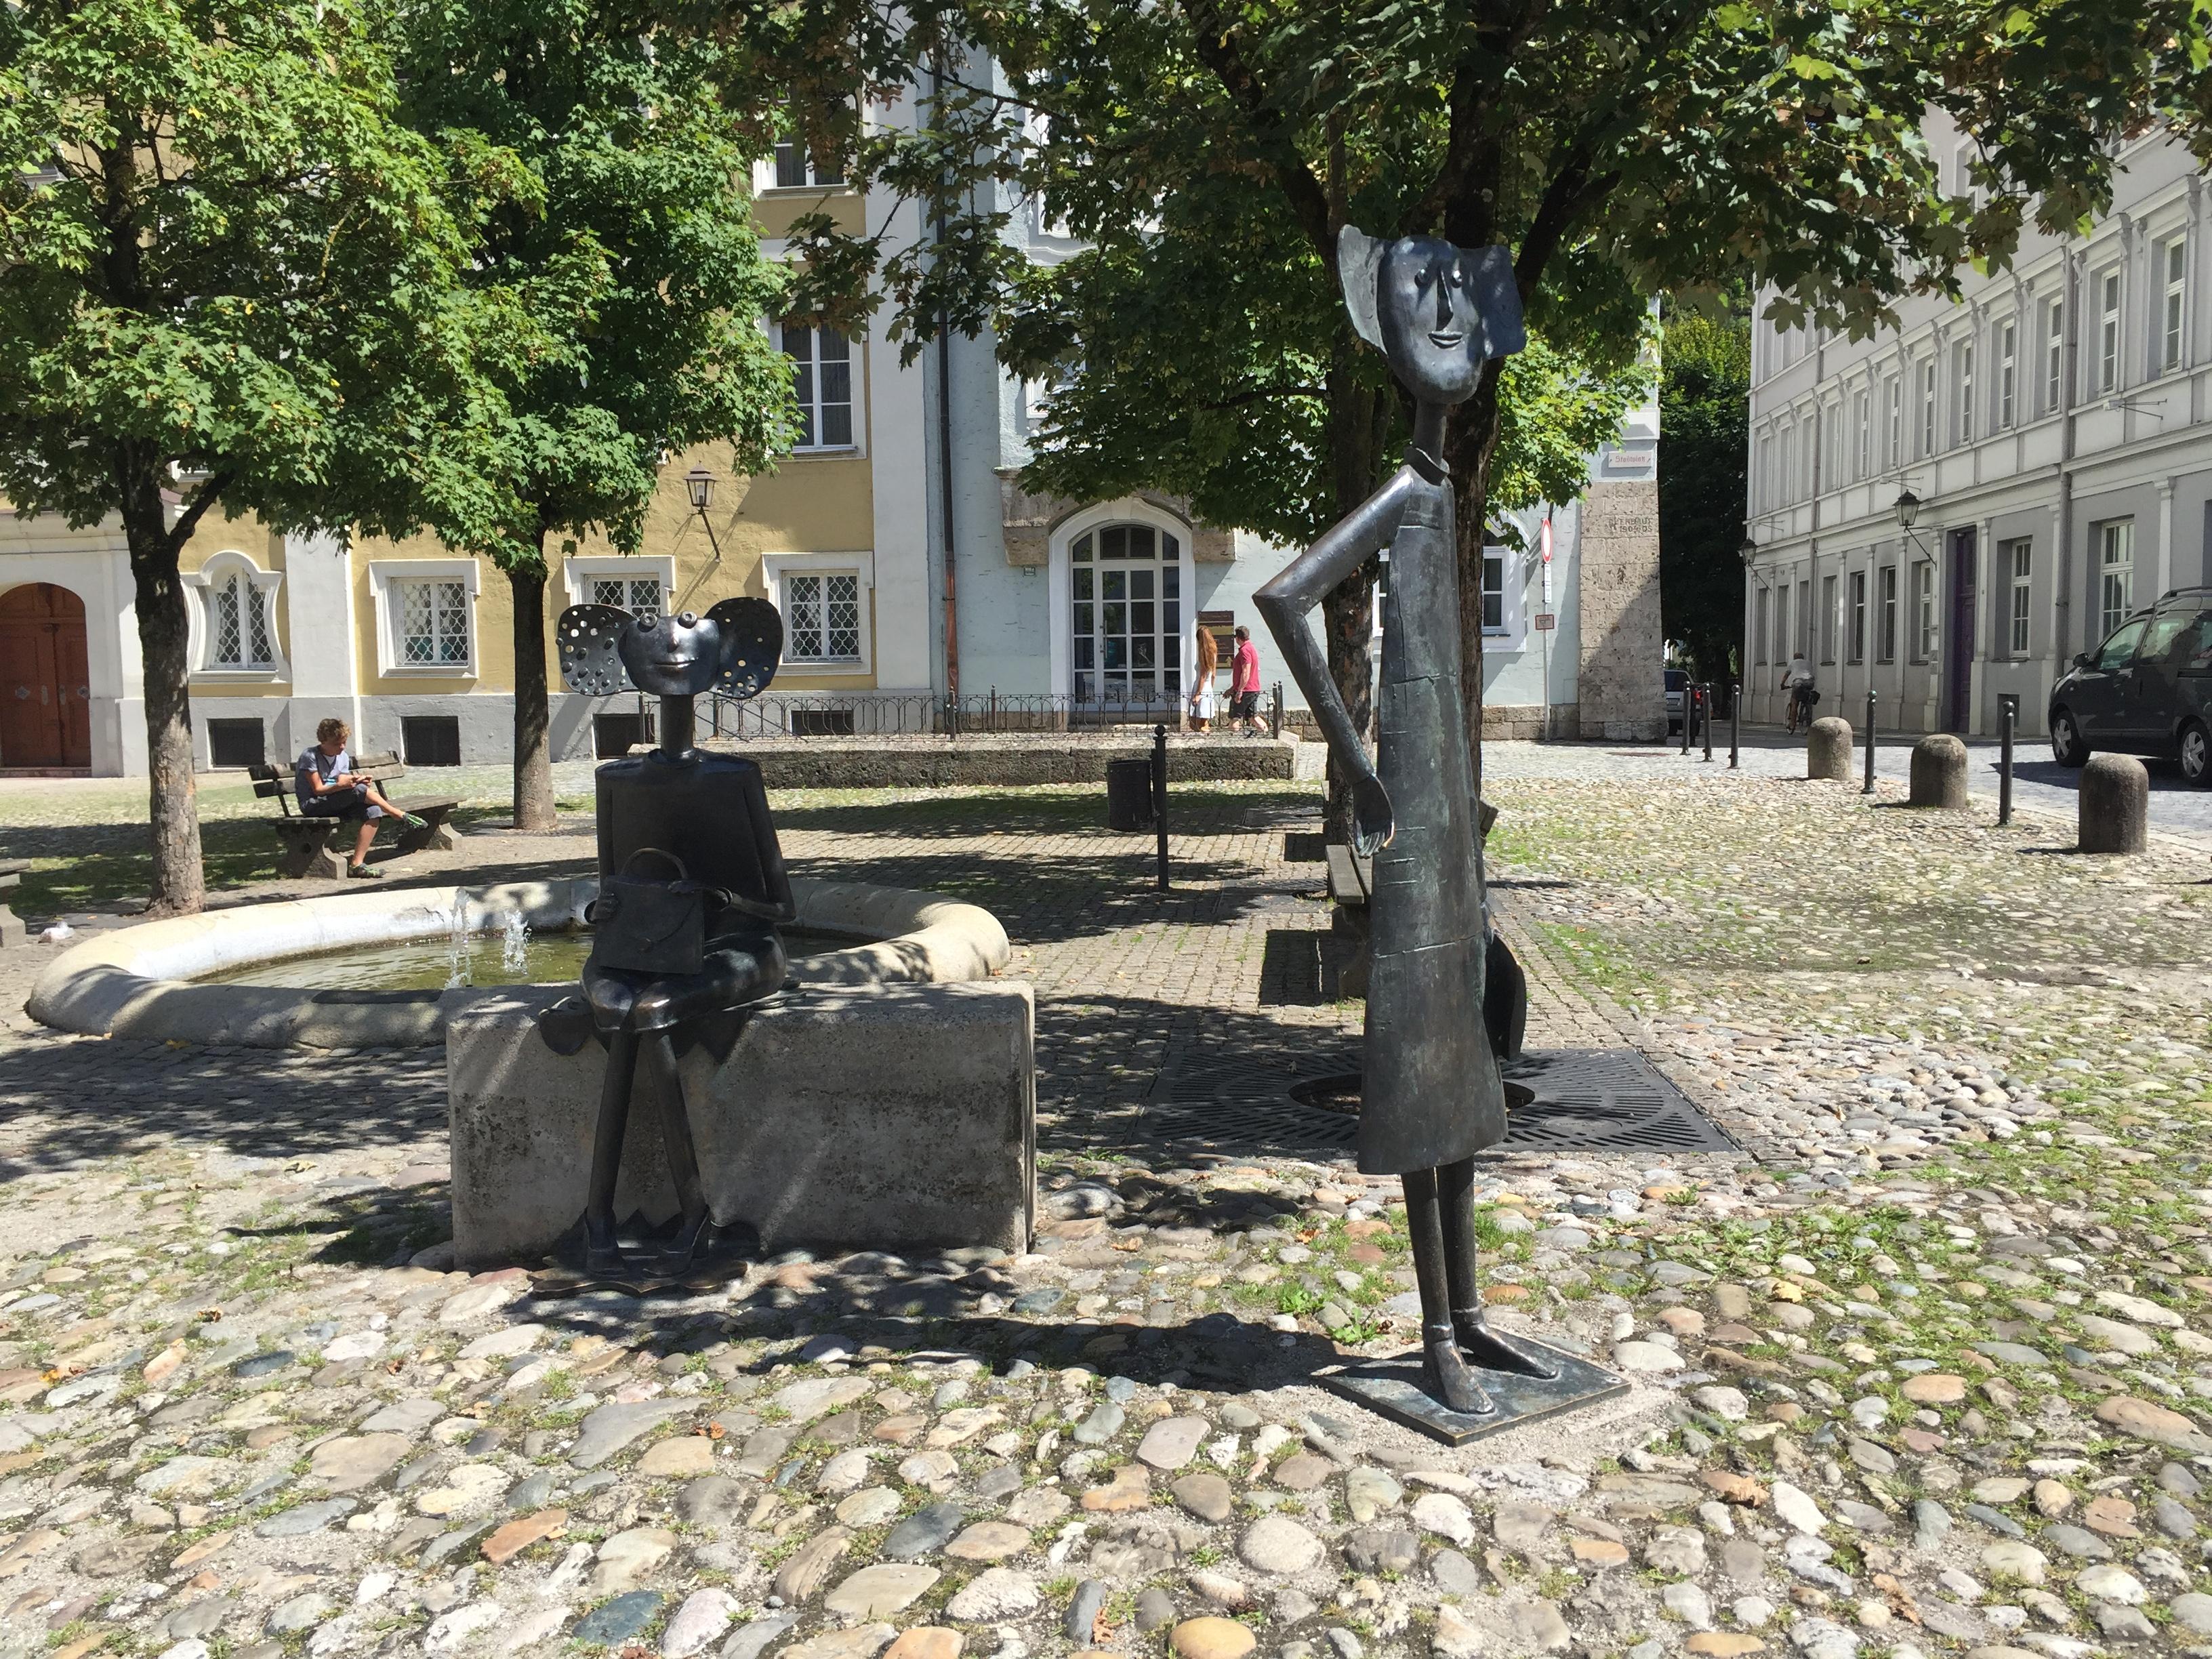 20160813 1 Burghausen (21)